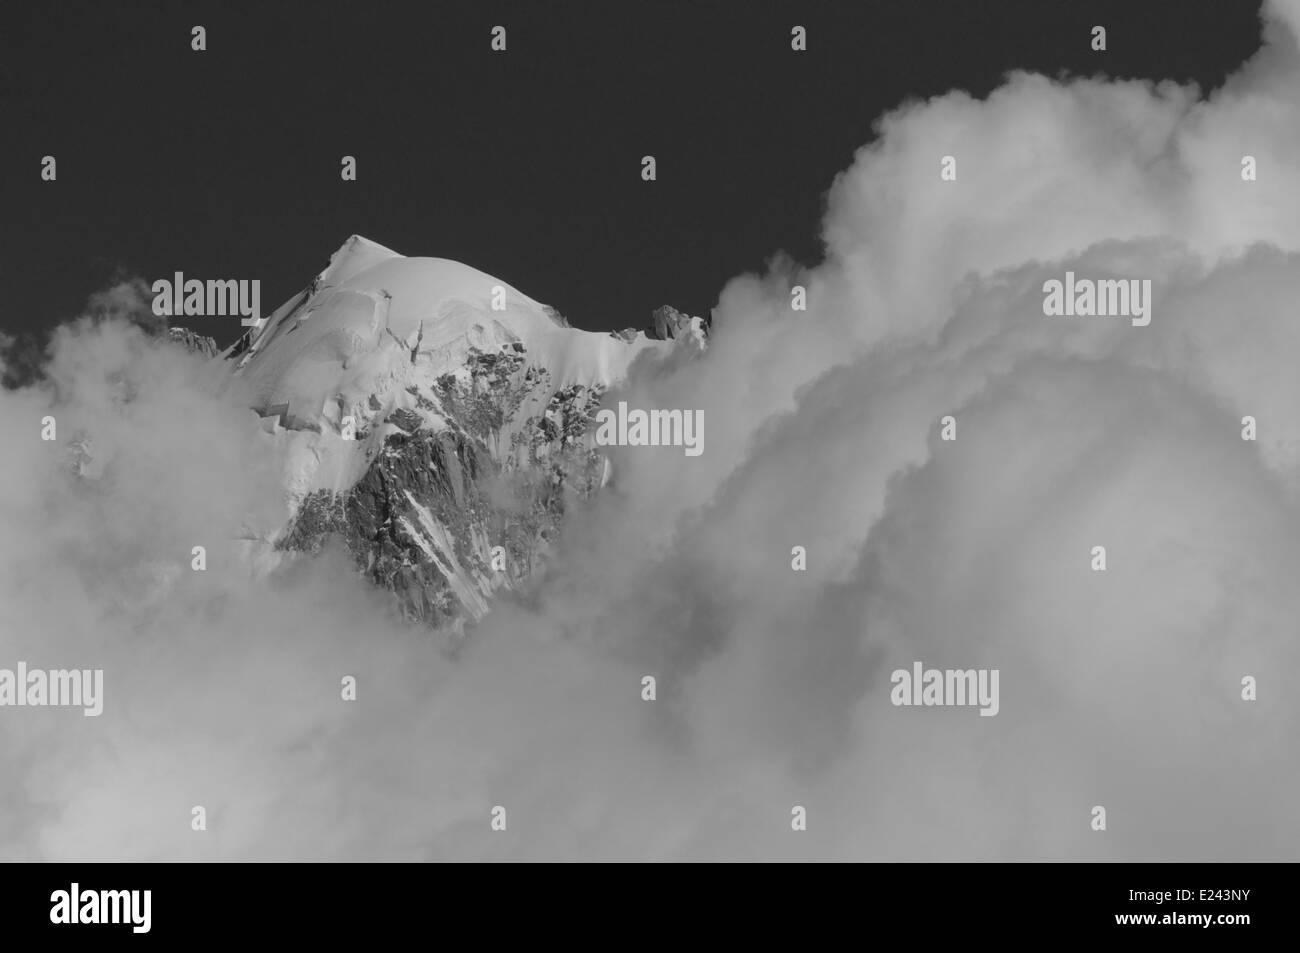 Ein Berggipfel und Wolken - die Aiguille Verte in Chamonix, Frankreich Stockbild